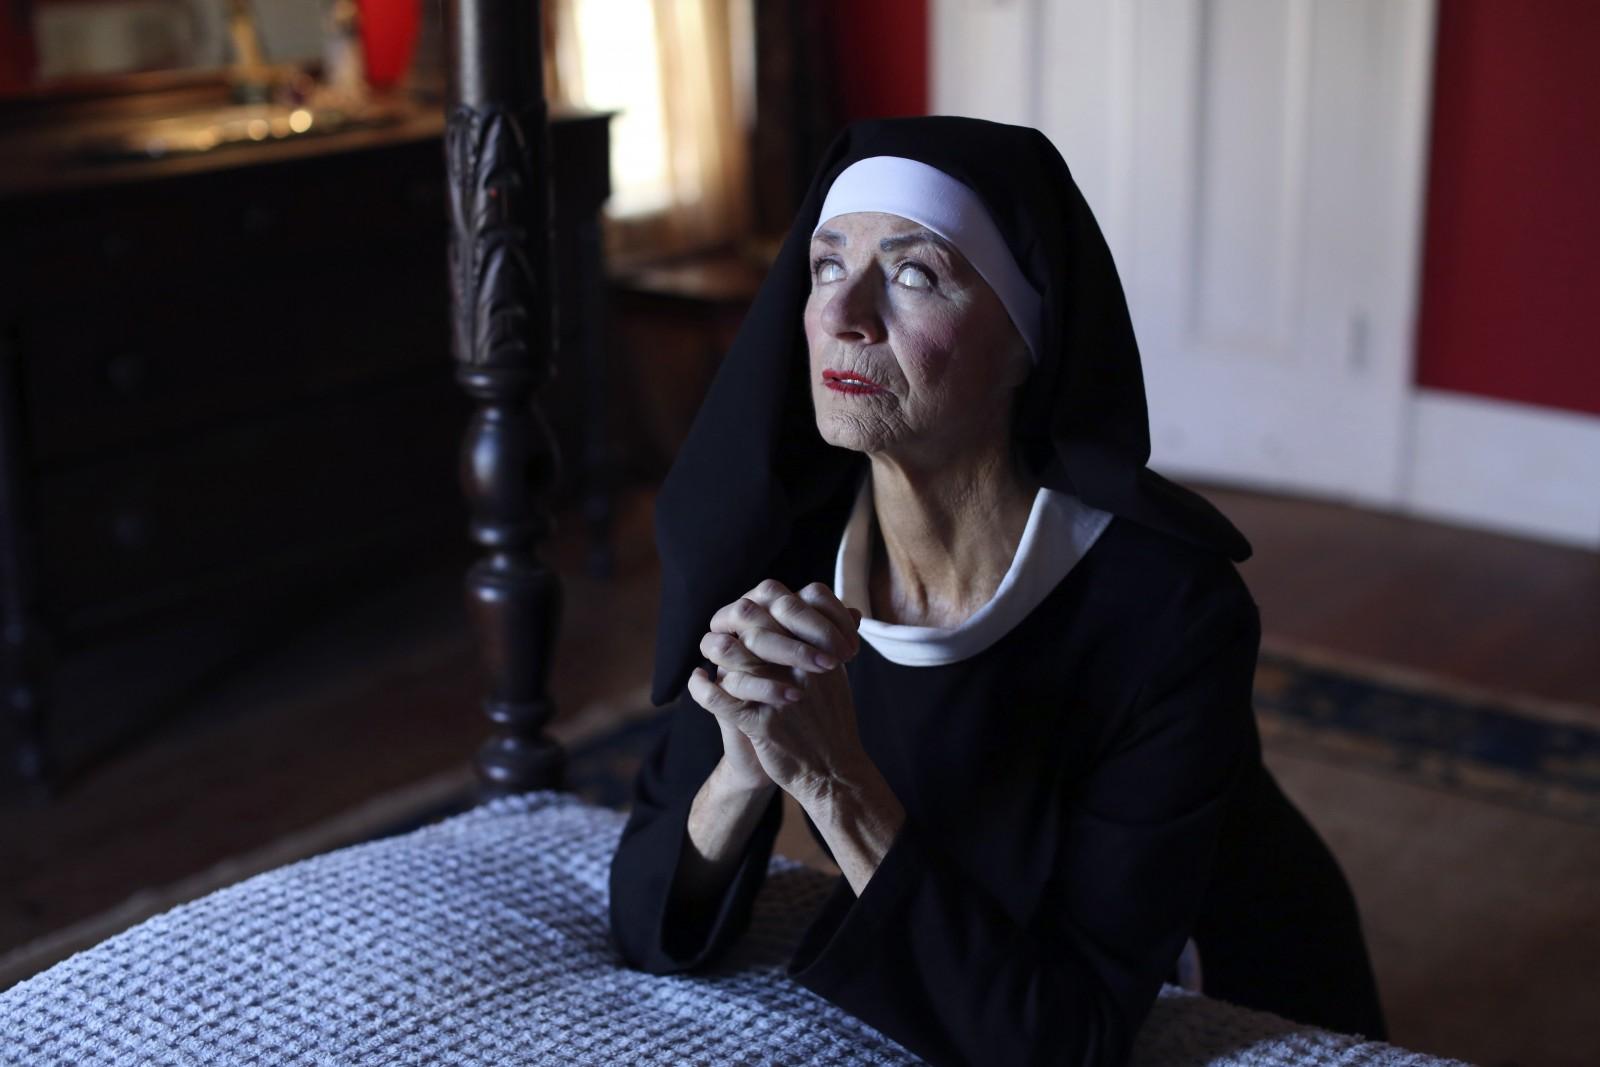 St. Agatha Film